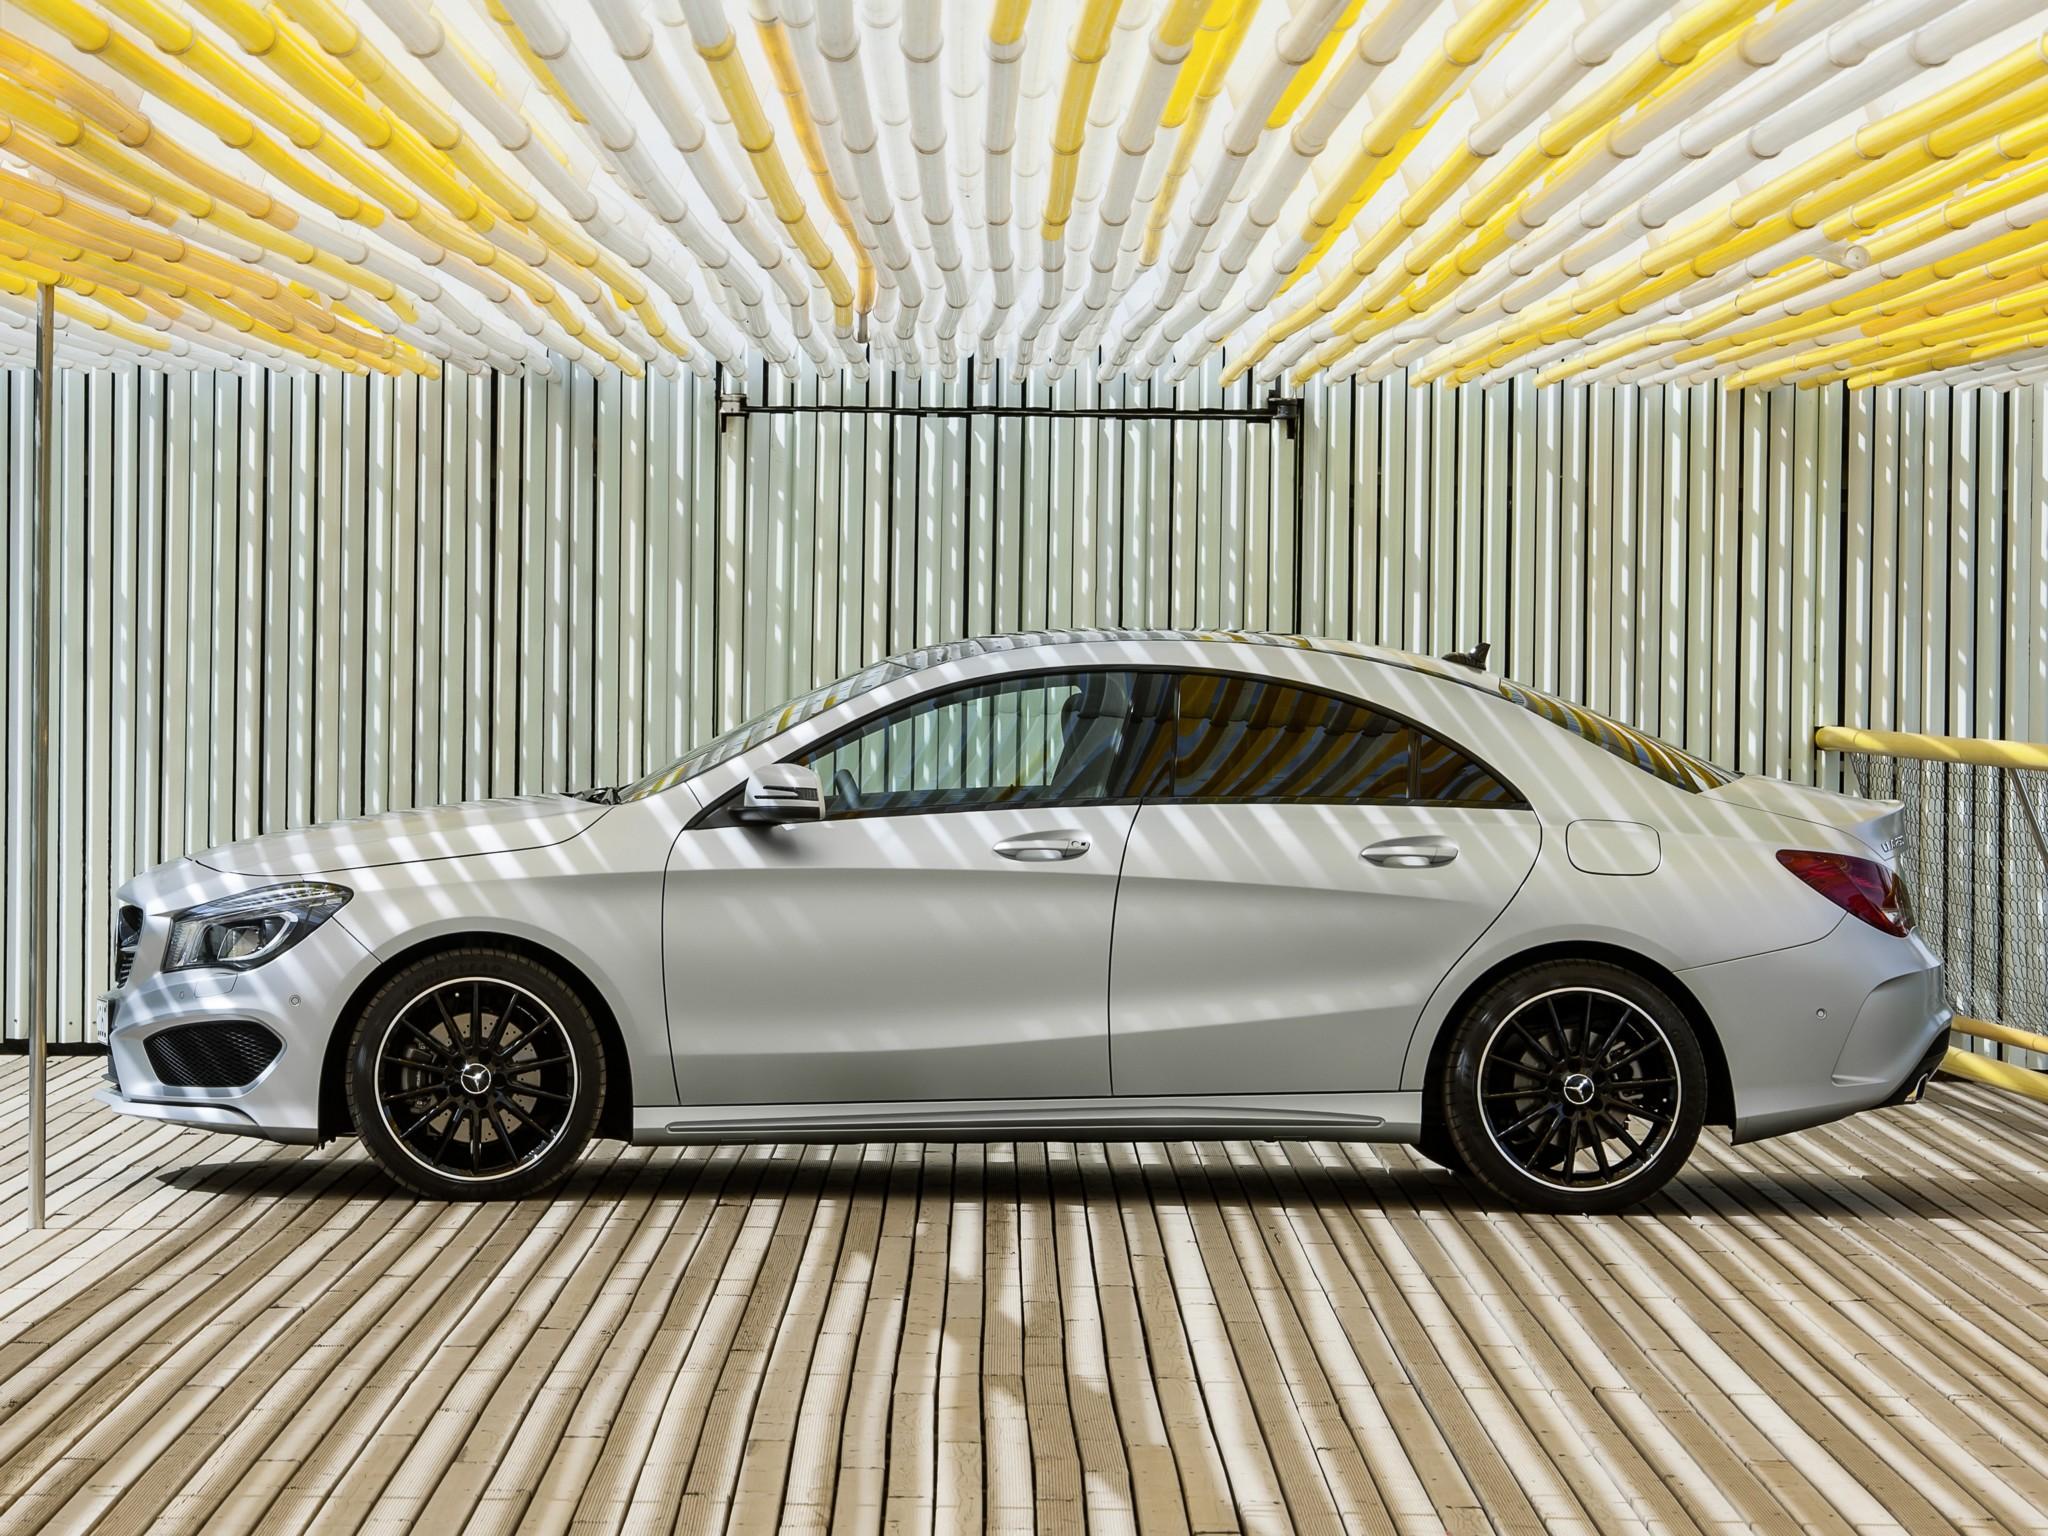 volkswagen nmc concept vs mercedes-benz cla: four-door coupe photo